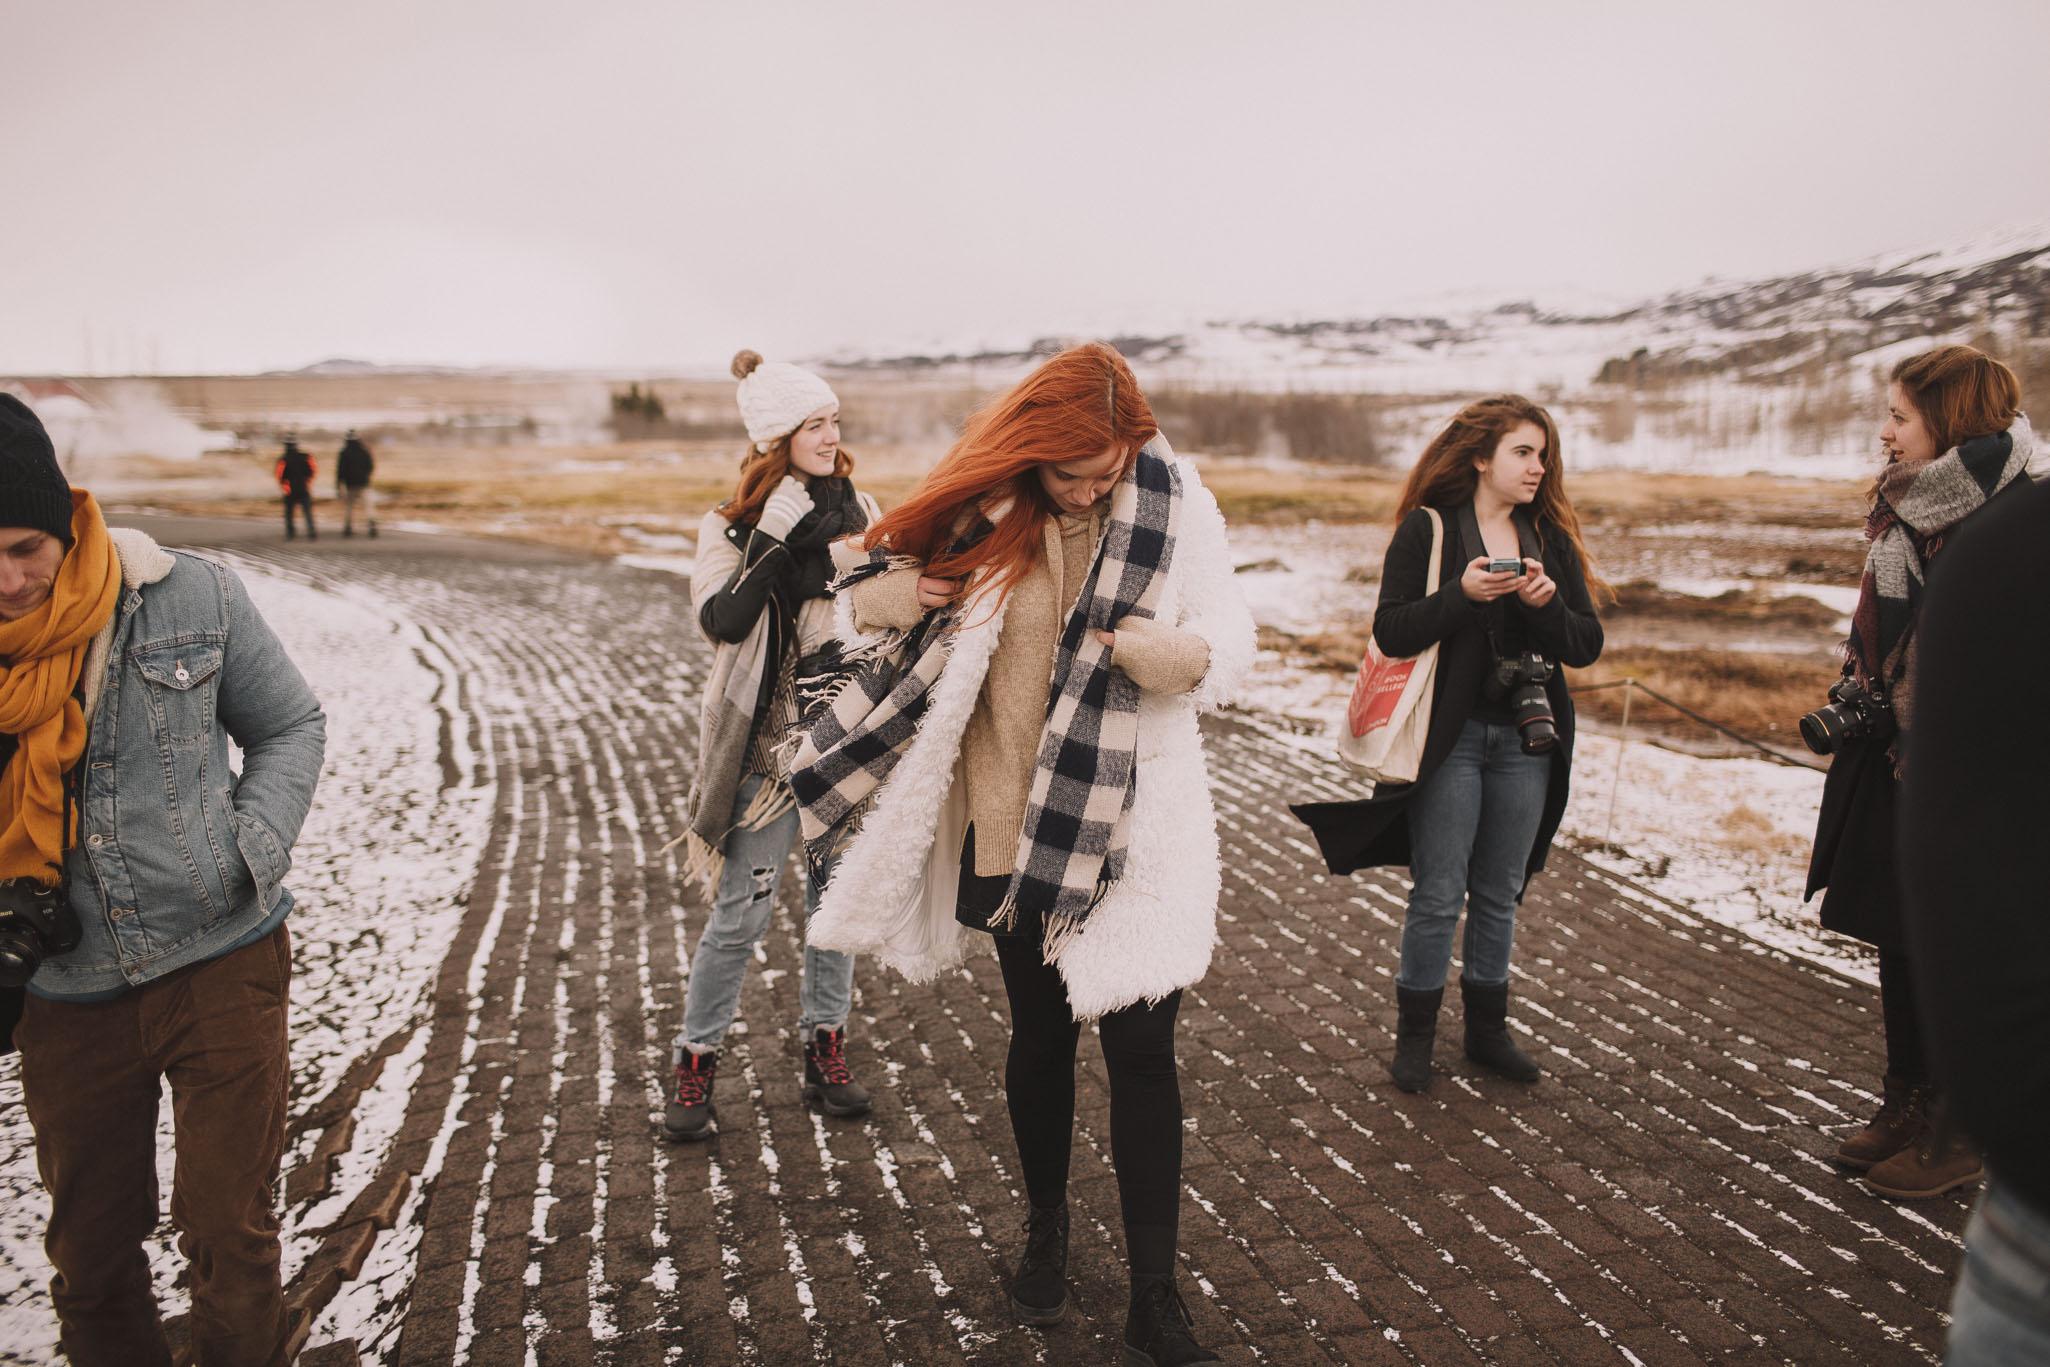 Road-trip-Islande-Iceland-Voyage-Travel-Portrait-Jérémy-Boyer-Geysir-Geysers-3.jpg